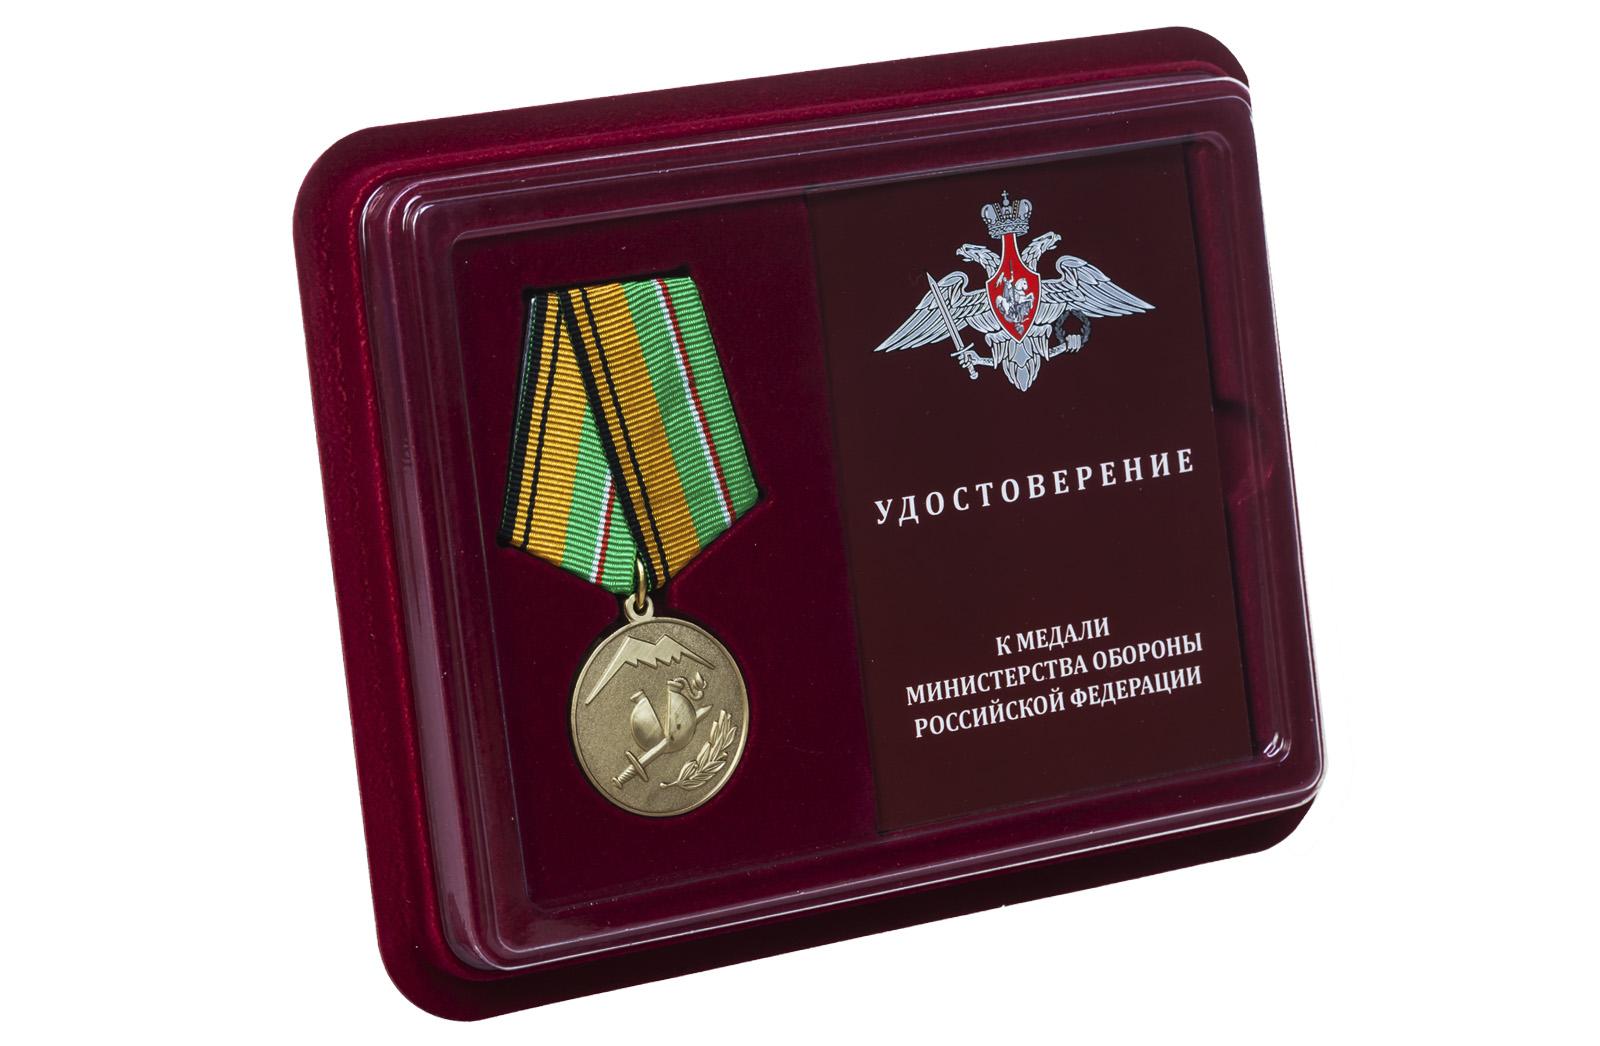 Купить медаль МО РФ Участнику разминирования в Чеченской Республике и Республике Ингушетия онлайн с доставкой